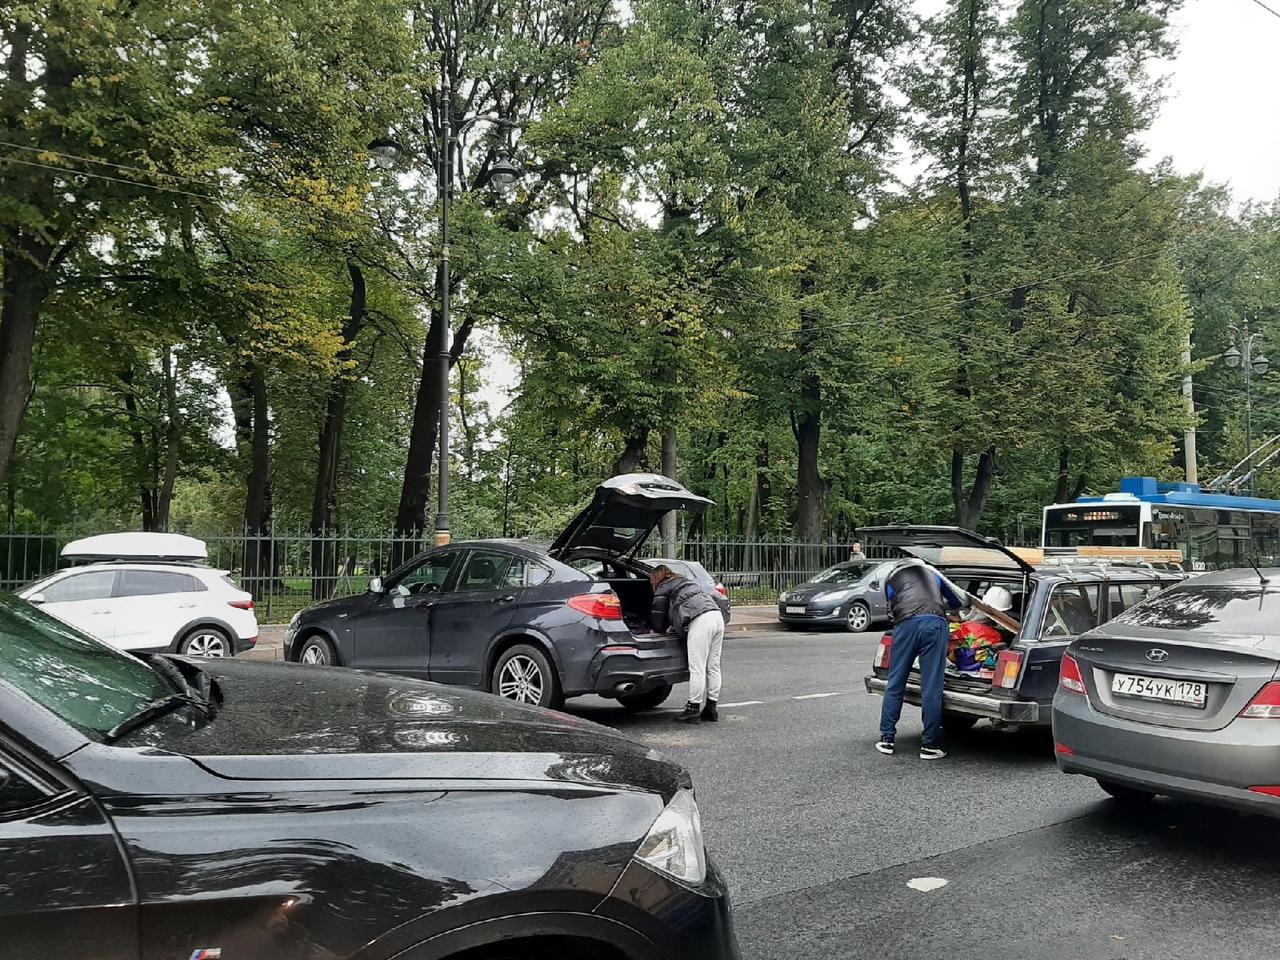 ДТП на Кирочной улице на пересечении с Парадной улицей. Проезду мешают, в сторону Литейного сложно ...